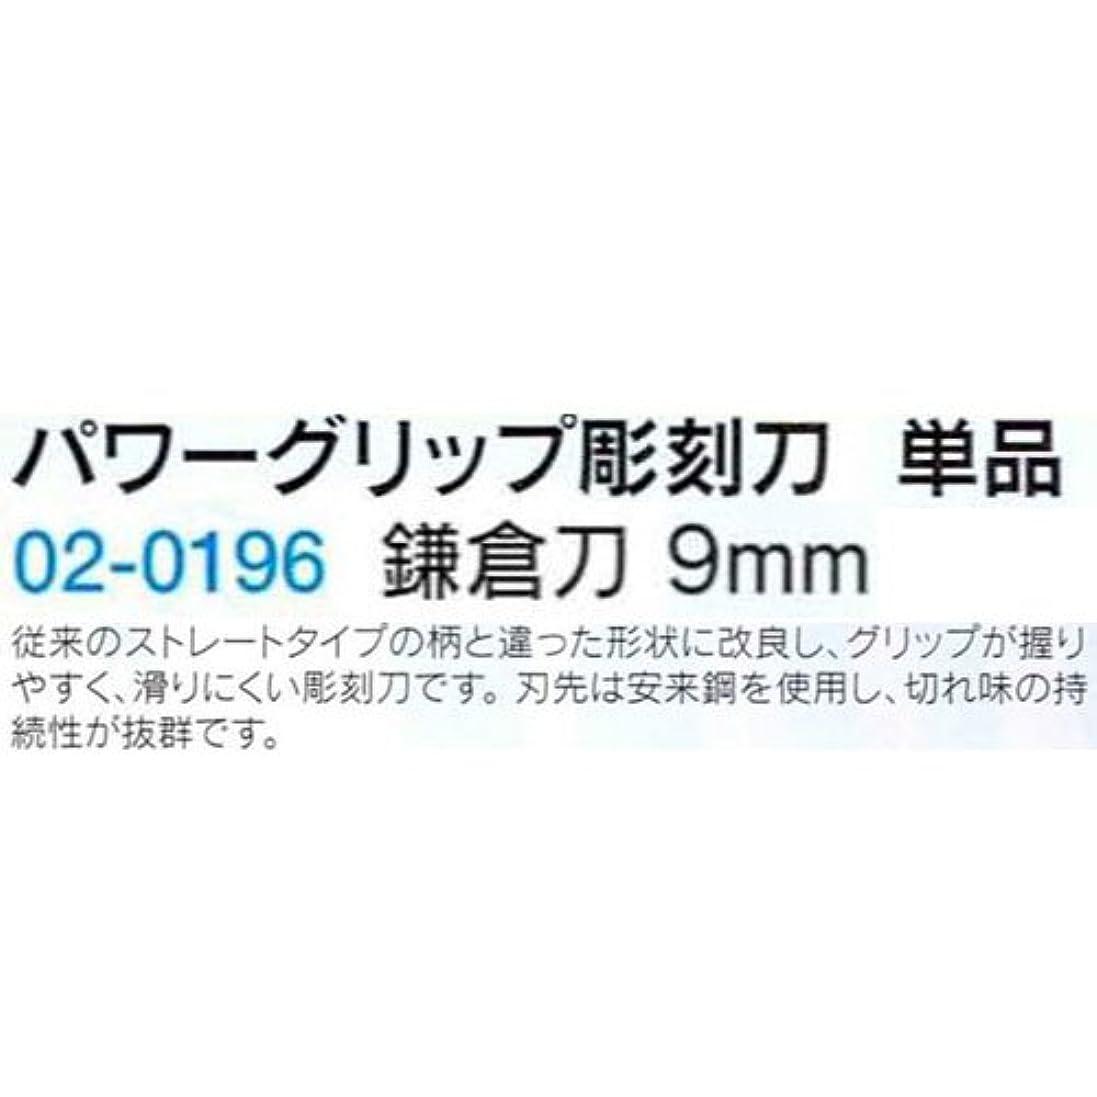 危険を冒します規模保有者パワーグリップ彫刻刀 鎌倉 9mm B02-0196